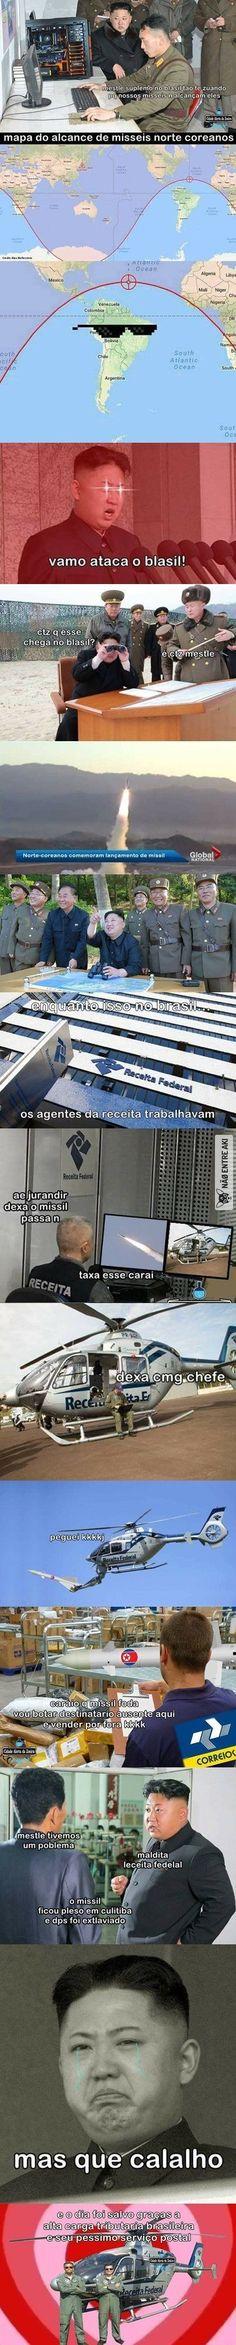 mais uma vez a receita federal salvando o brasil.